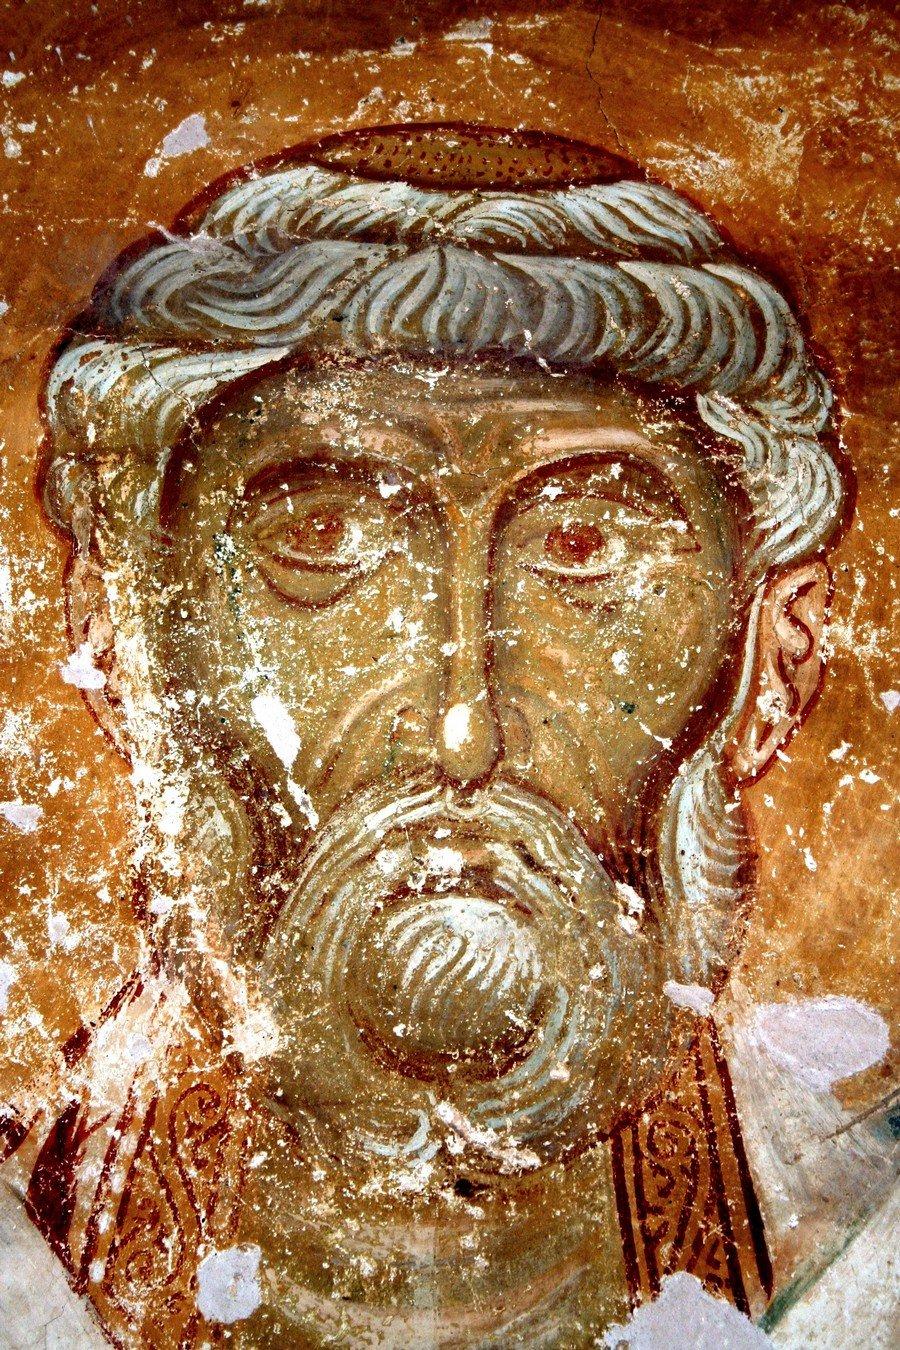 Священномученик Пётр, Архиепископ Александрийский. Фреска церкви Спаса на Нередице близ Новгорода. 1199 год.